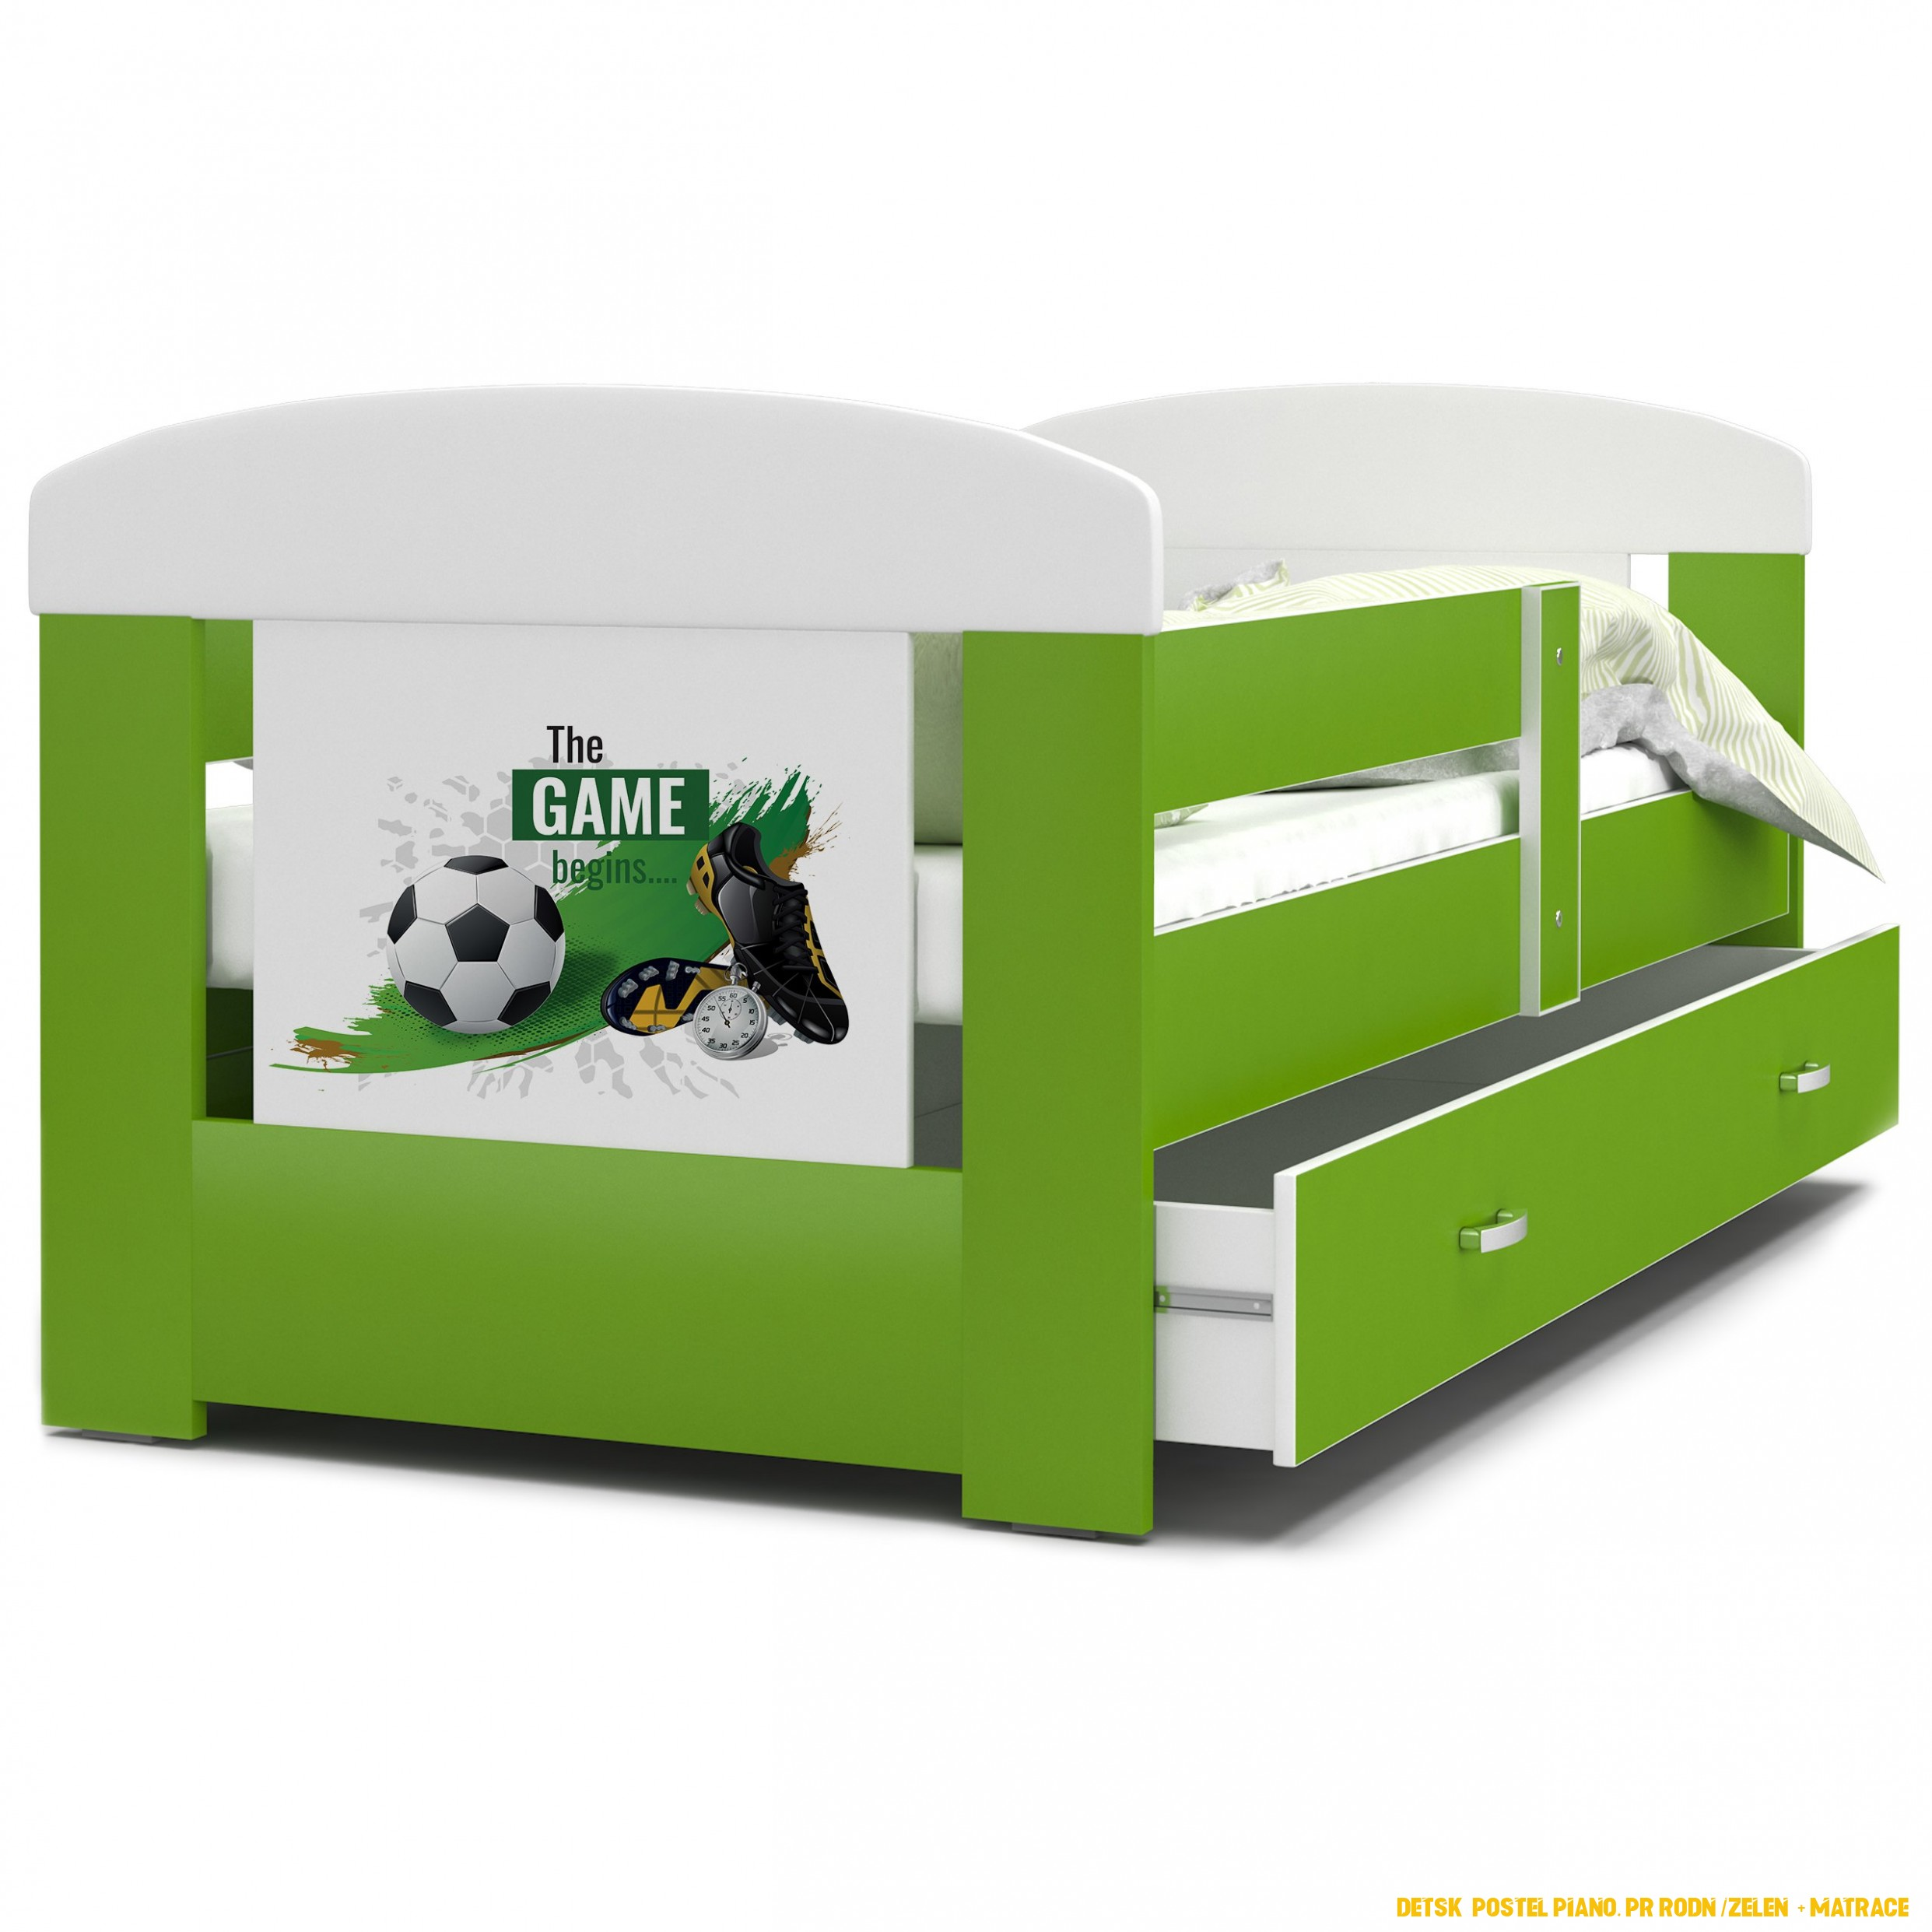 Detská posteľ so zásuvkou PHILIP - 4x4 cm - zelená / futbal